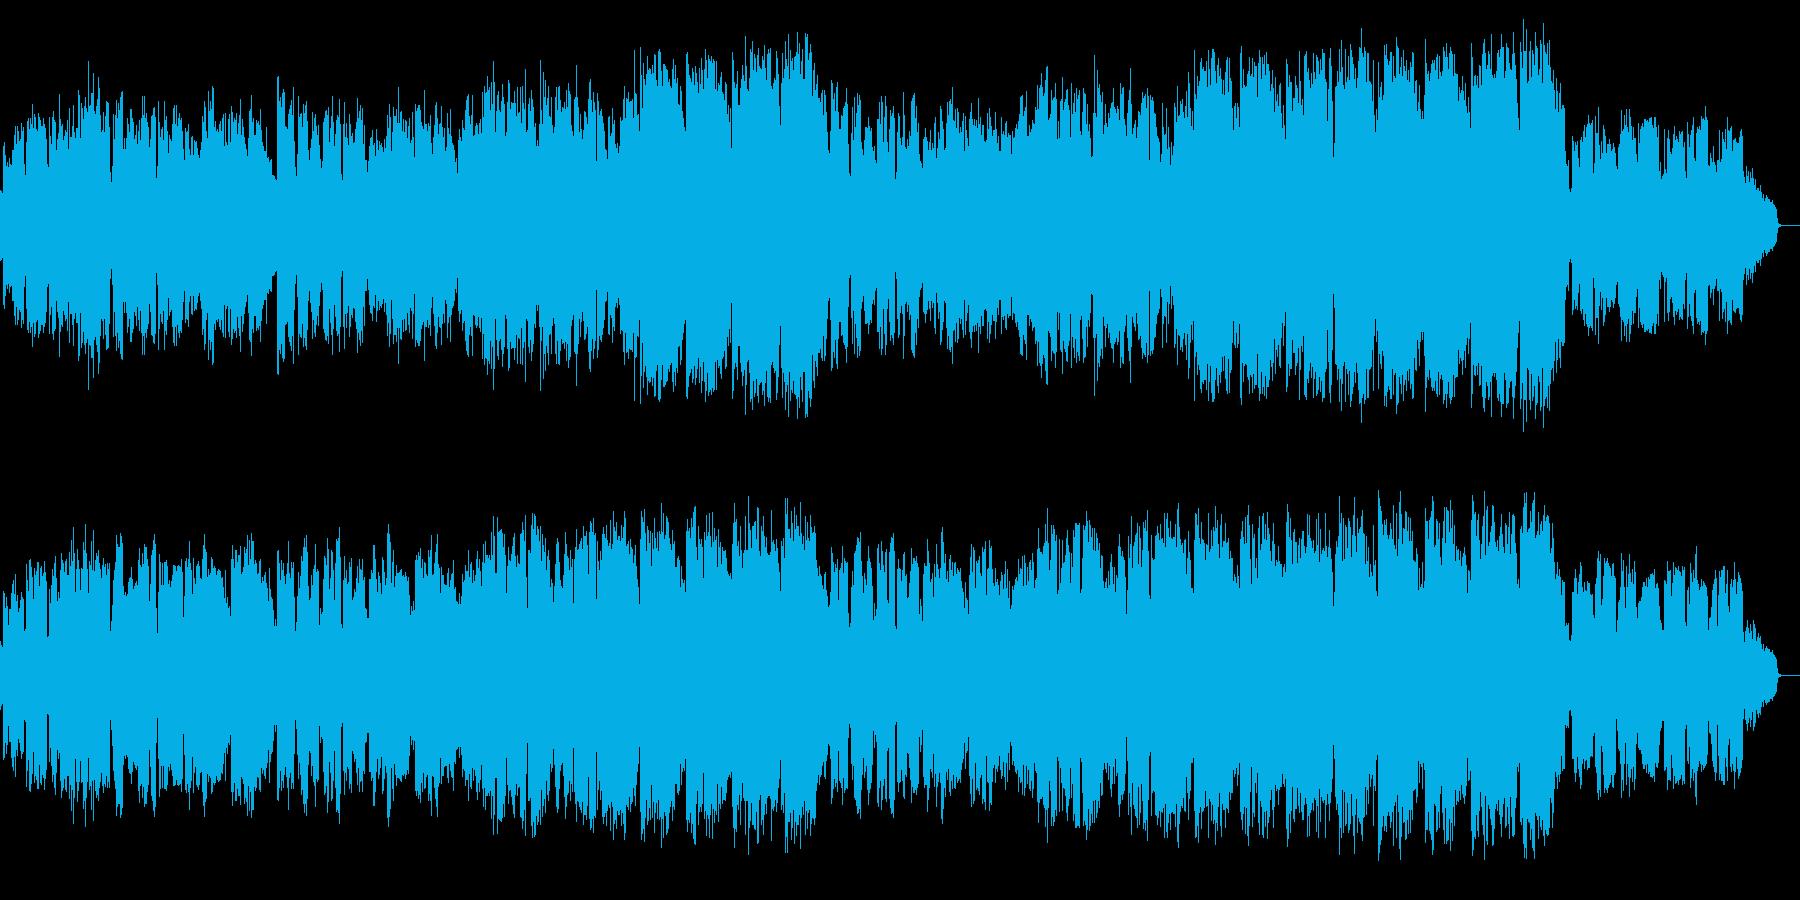 清清しい夜明けに癒されるメロディアス楽曲の再生済みの波形